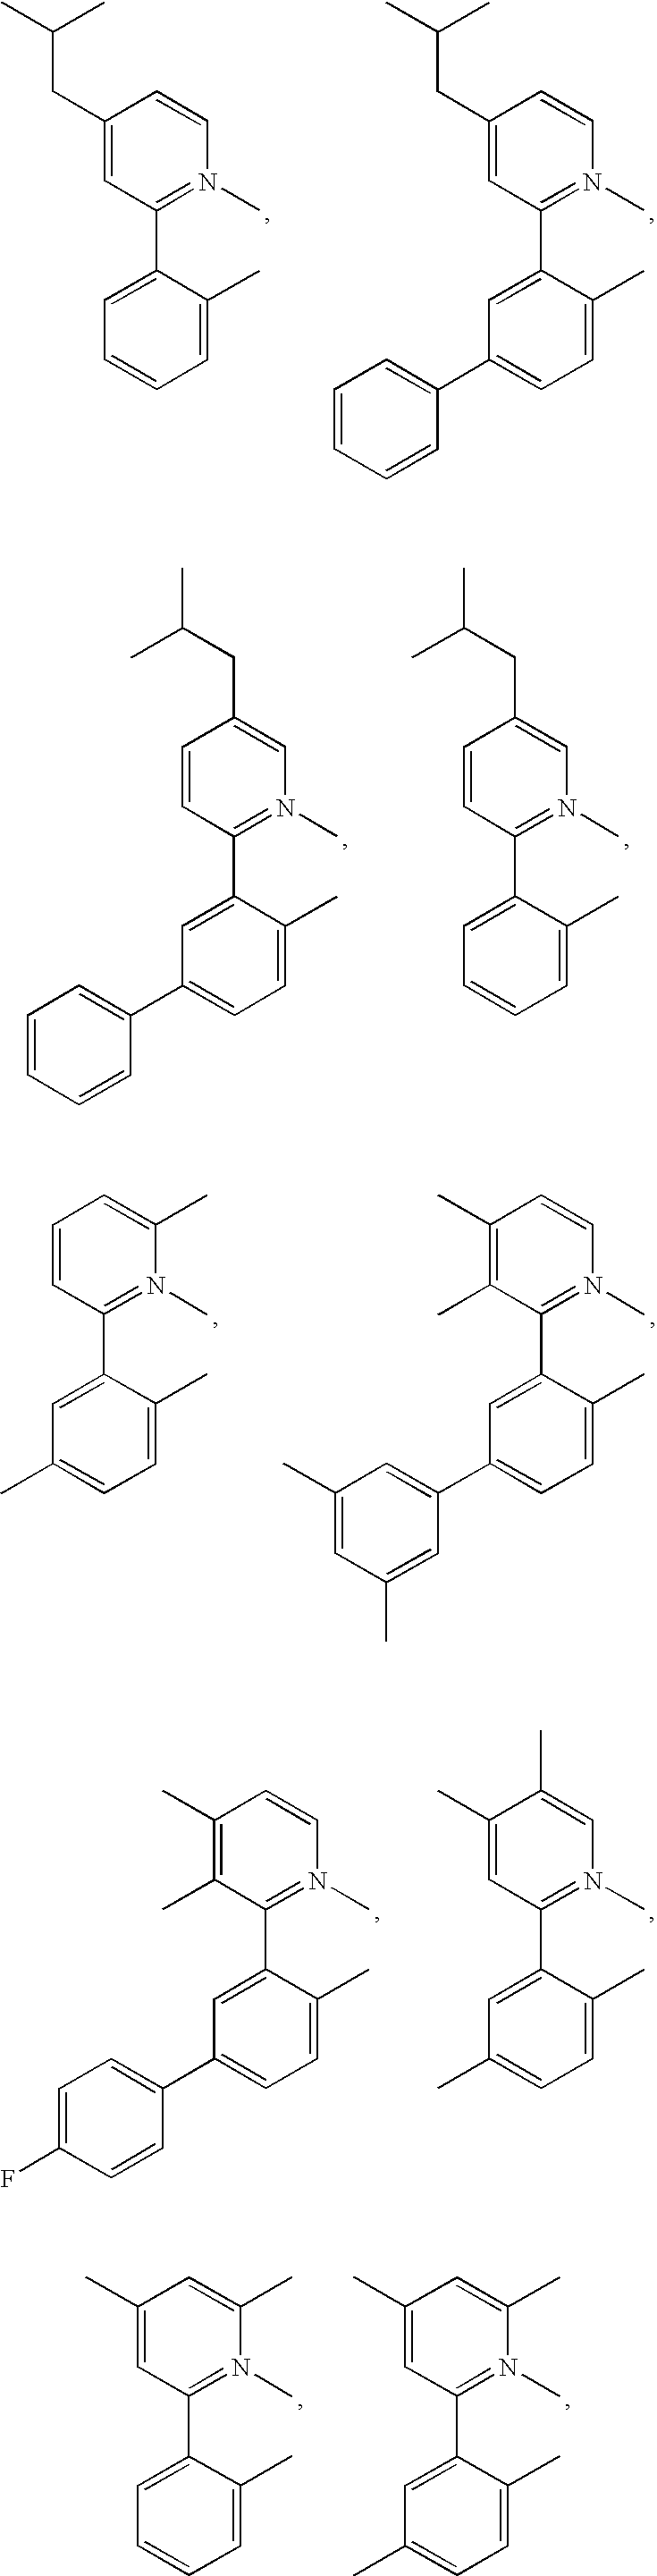 Figure US20090108737A1-20090430-C00035